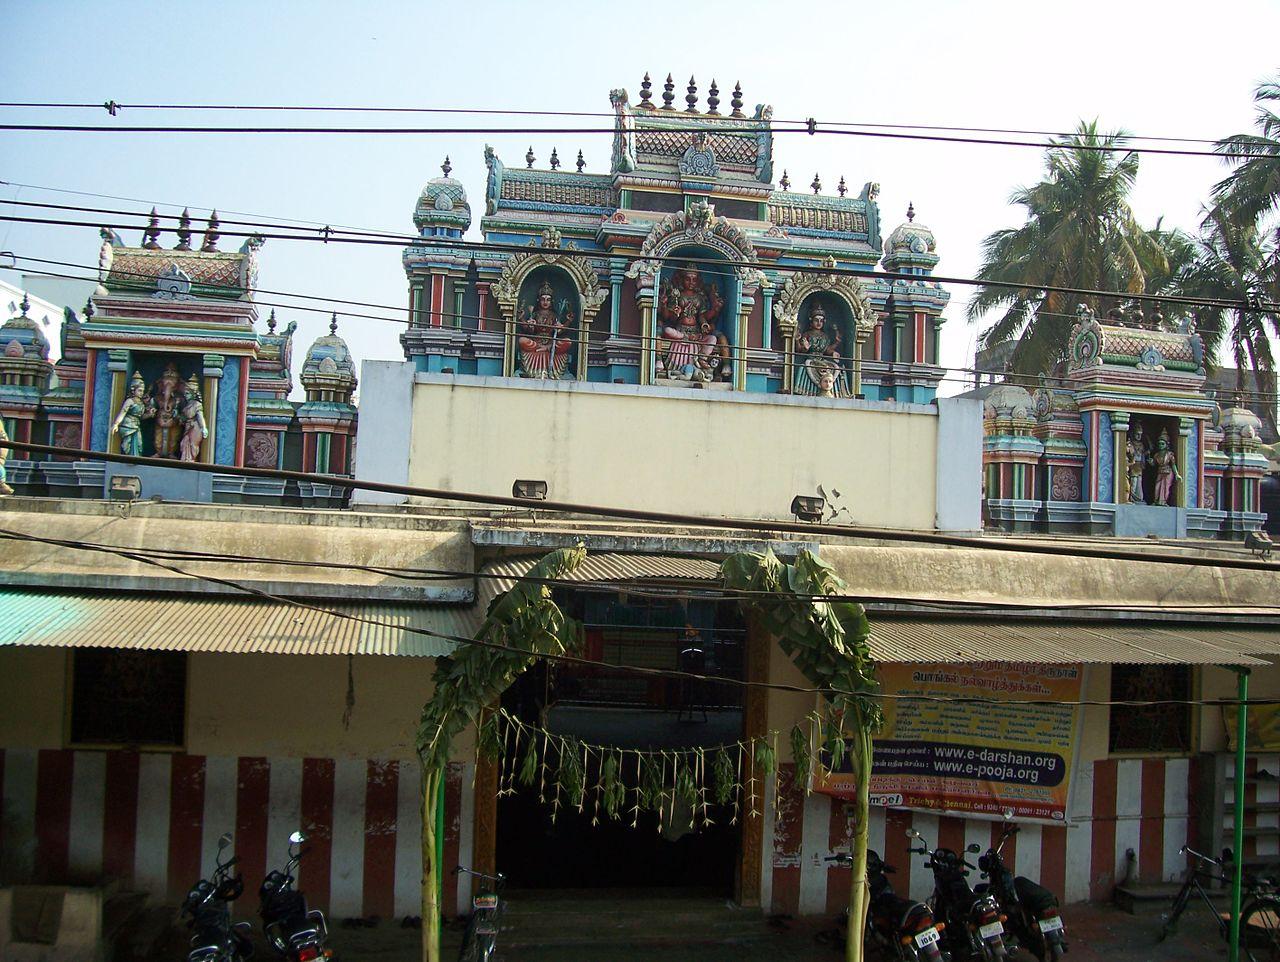 Tiruchirappalli Temple-Vekkali Amman Temple, Tamil Nadu